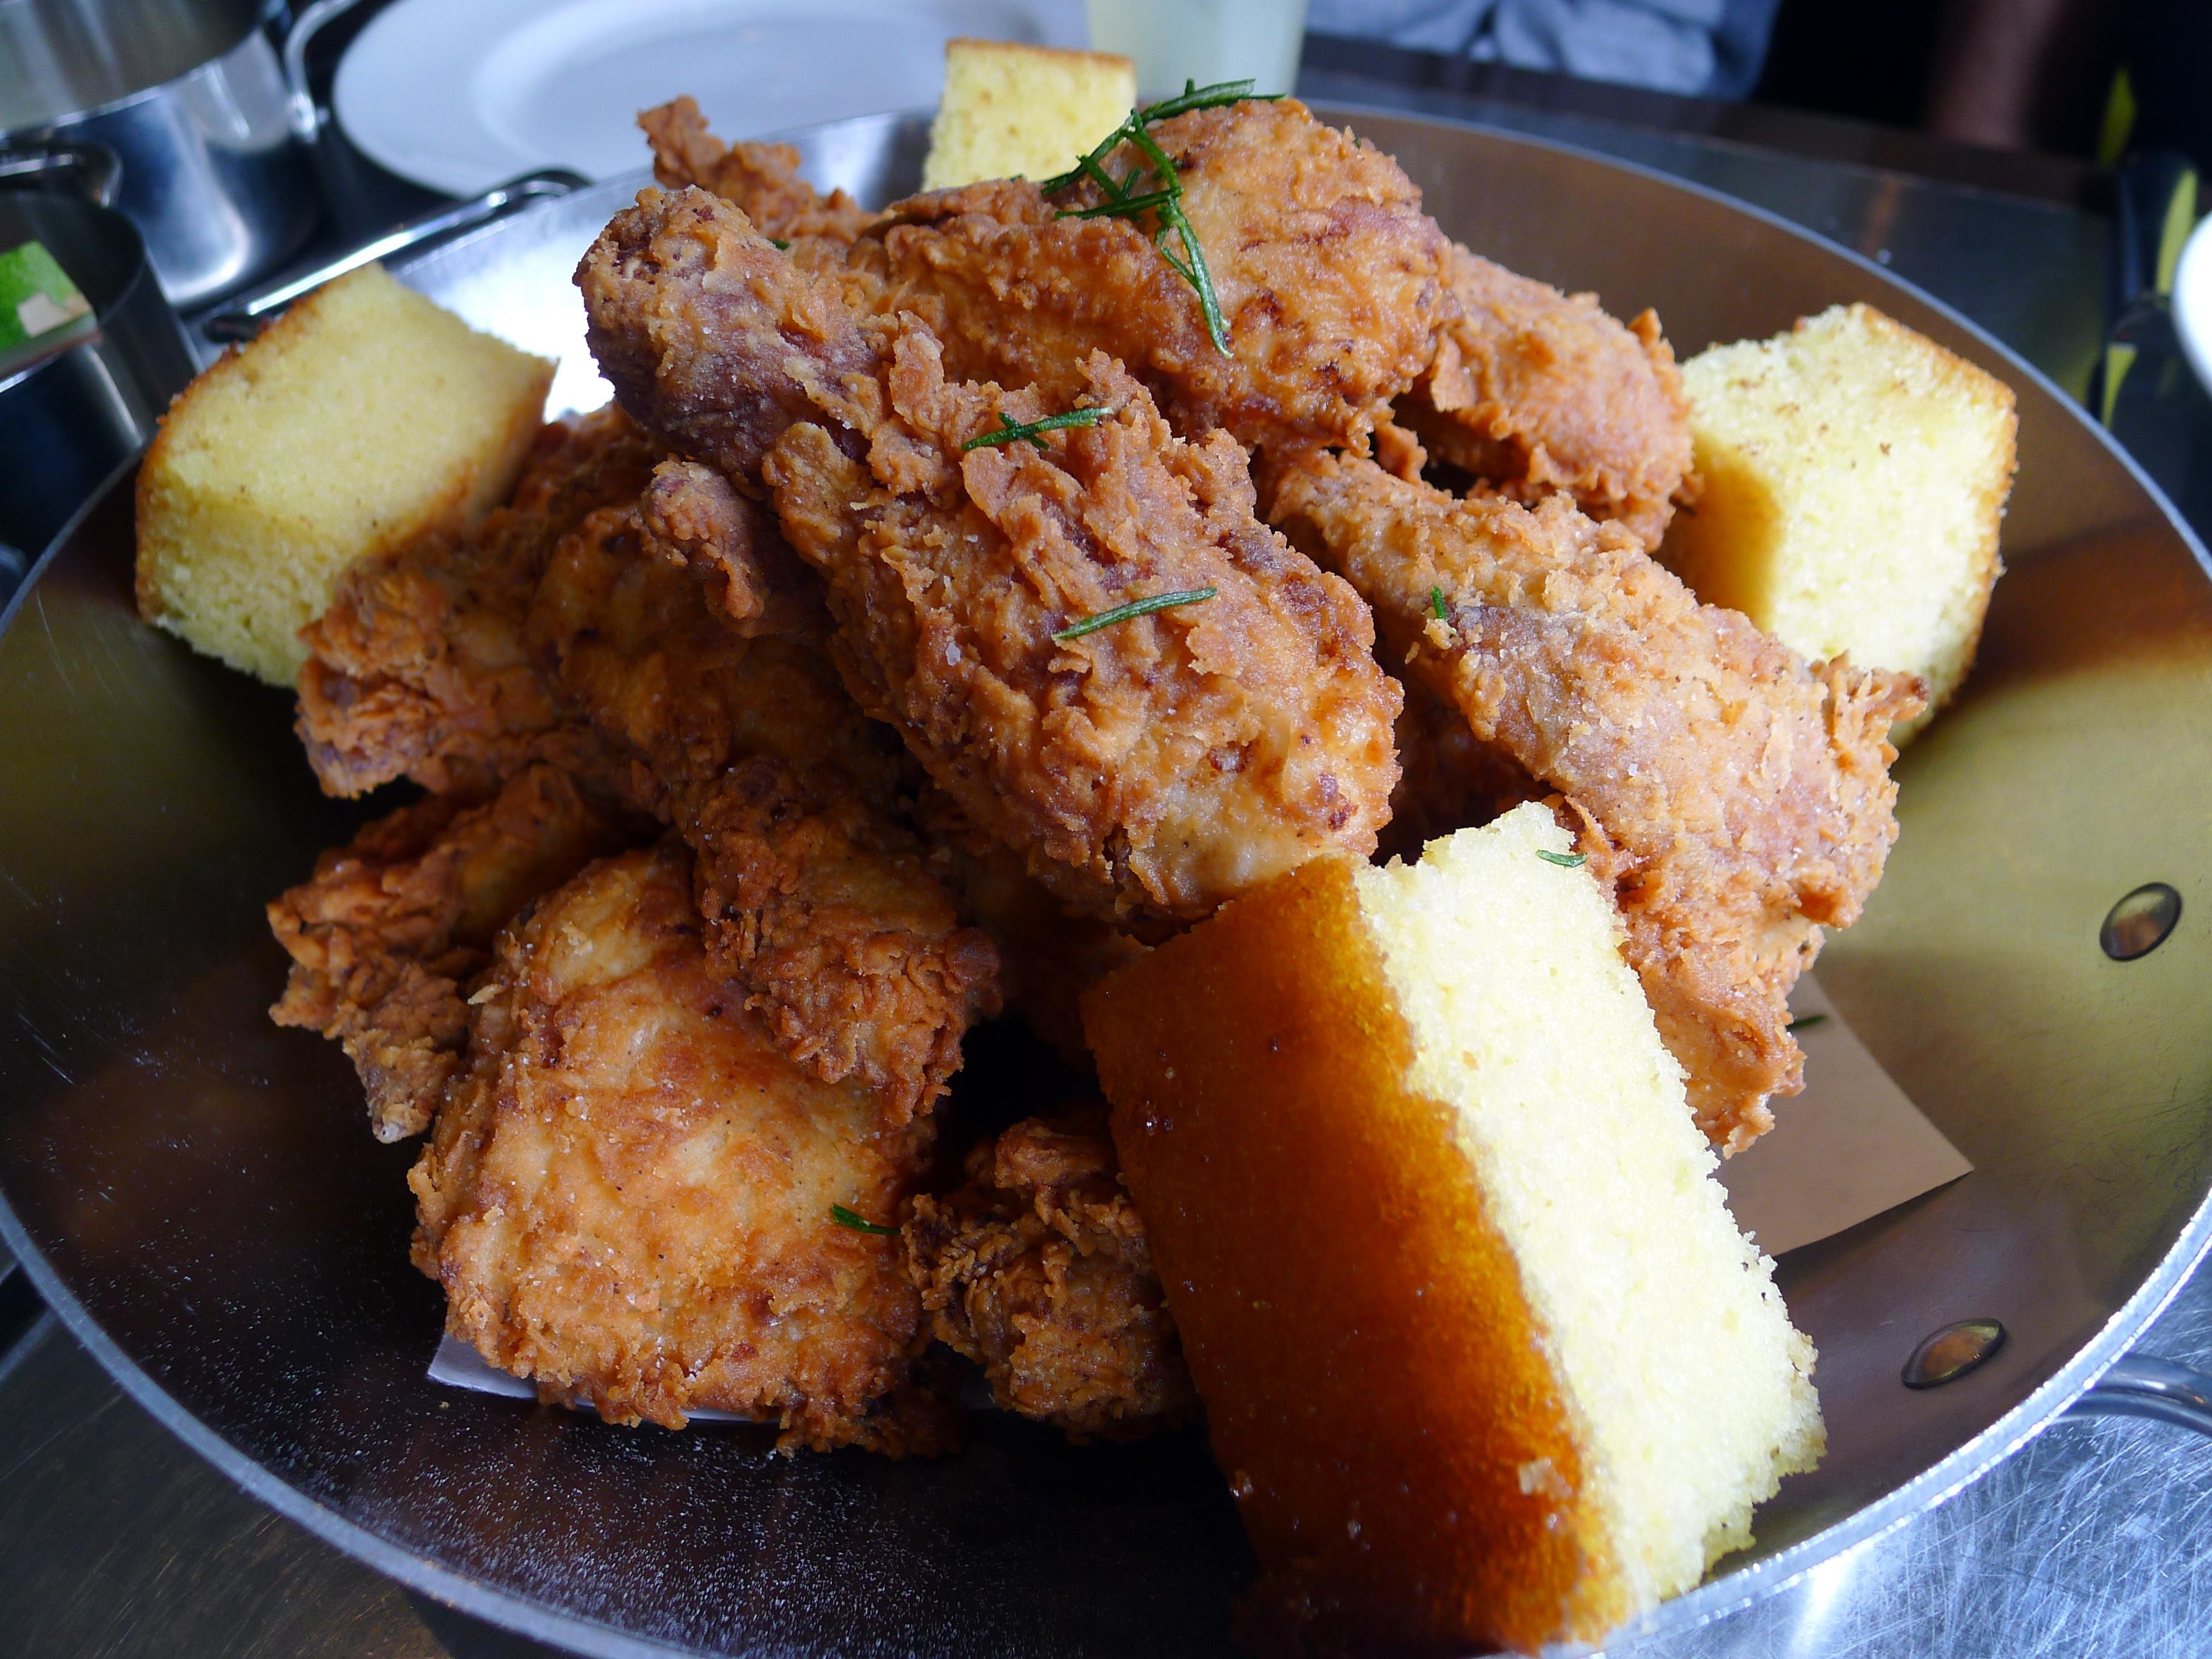 ... buttermilk fried chicken fried chicken buttermilk fried chicken with